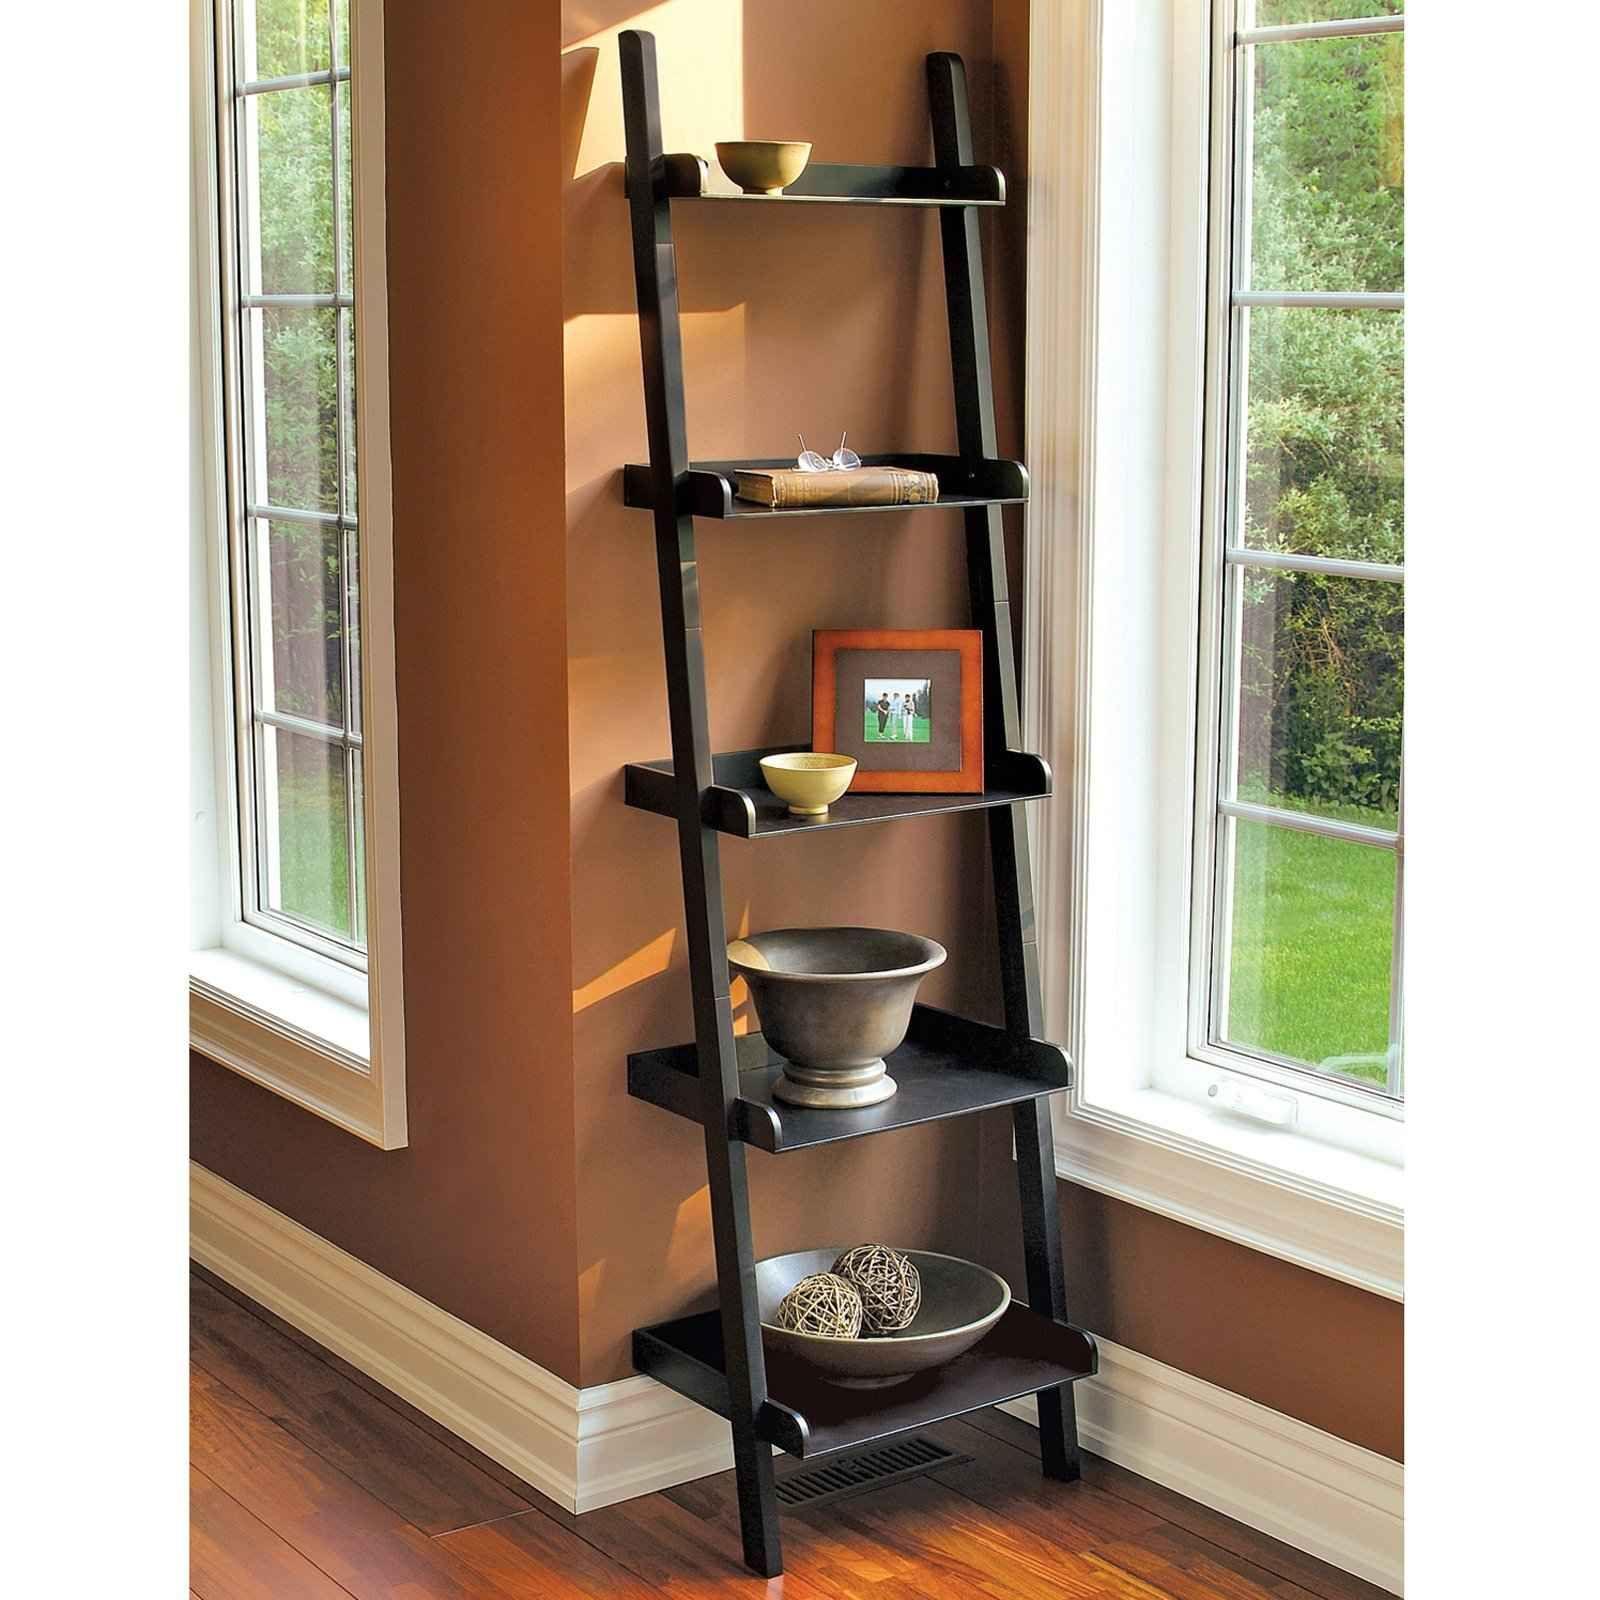 Design Wall Ladder Shelf ladder bookshelves leaning bookshelf plans for home office feel the home